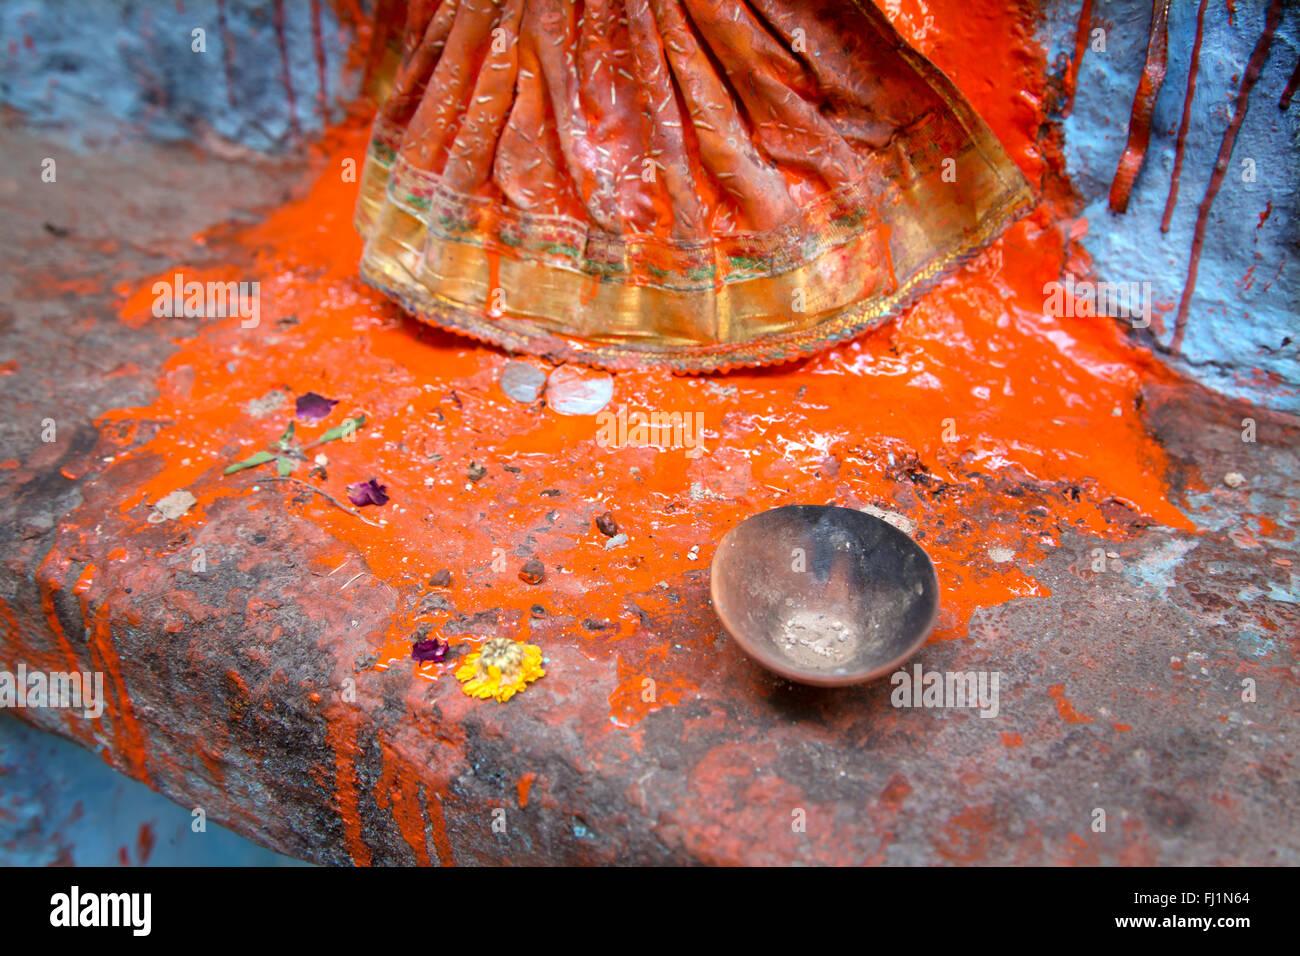 Cierre en color rojo miwed polvos con agua para puya en estatua en Varanasi, India Imagen De Stock